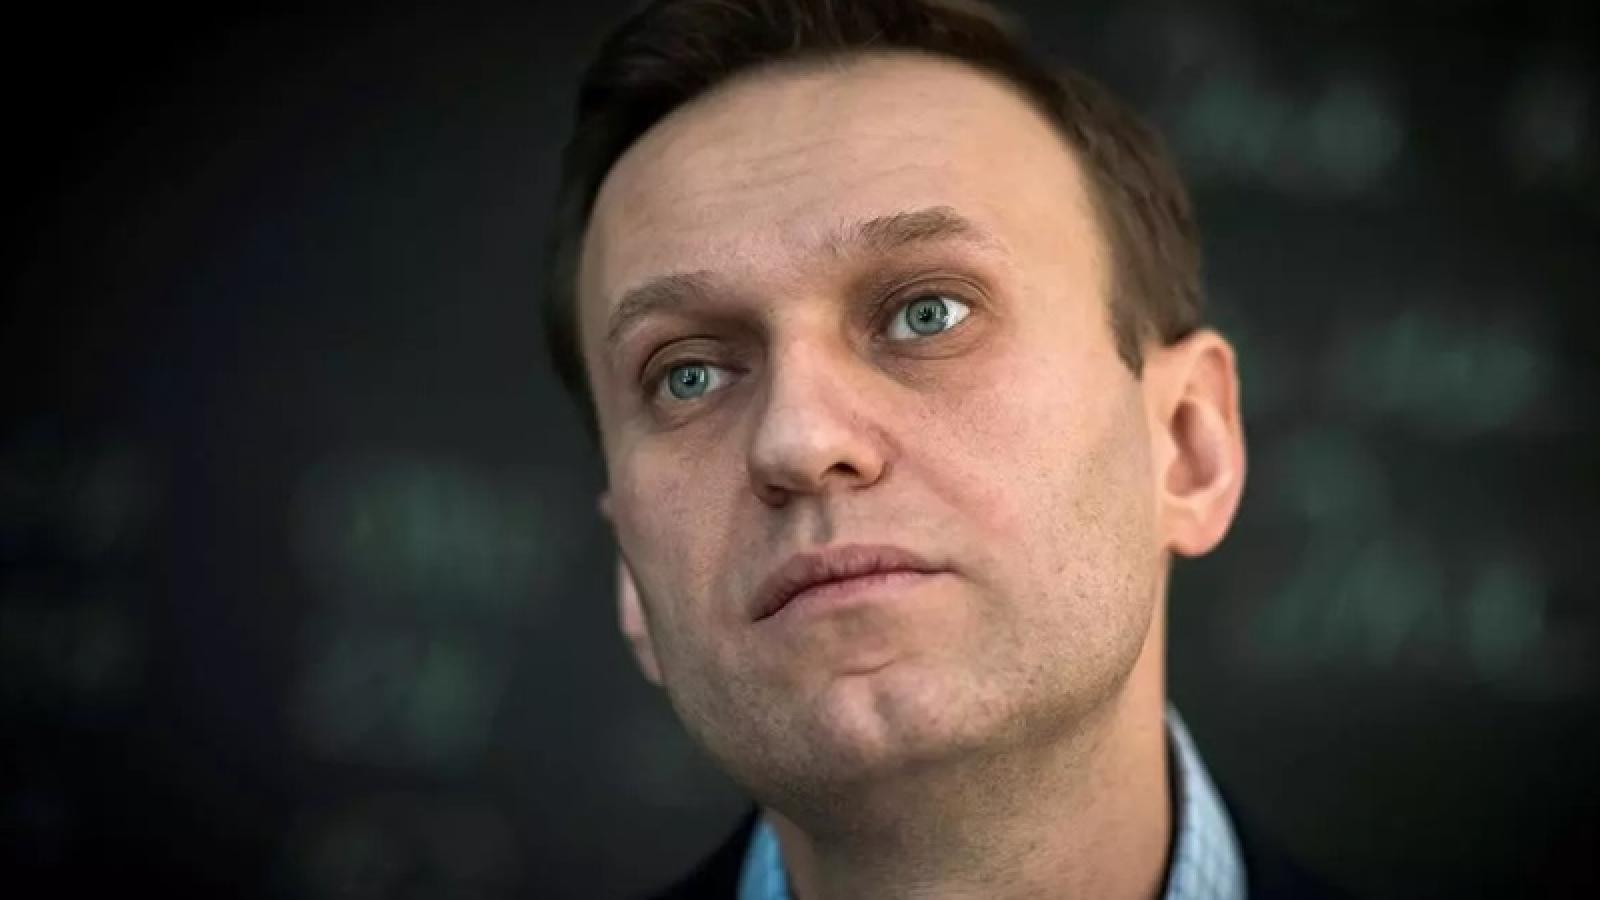 Nga phủ nhận việc Đức đã bàn giao tài liệu về Navalny cho OPCW